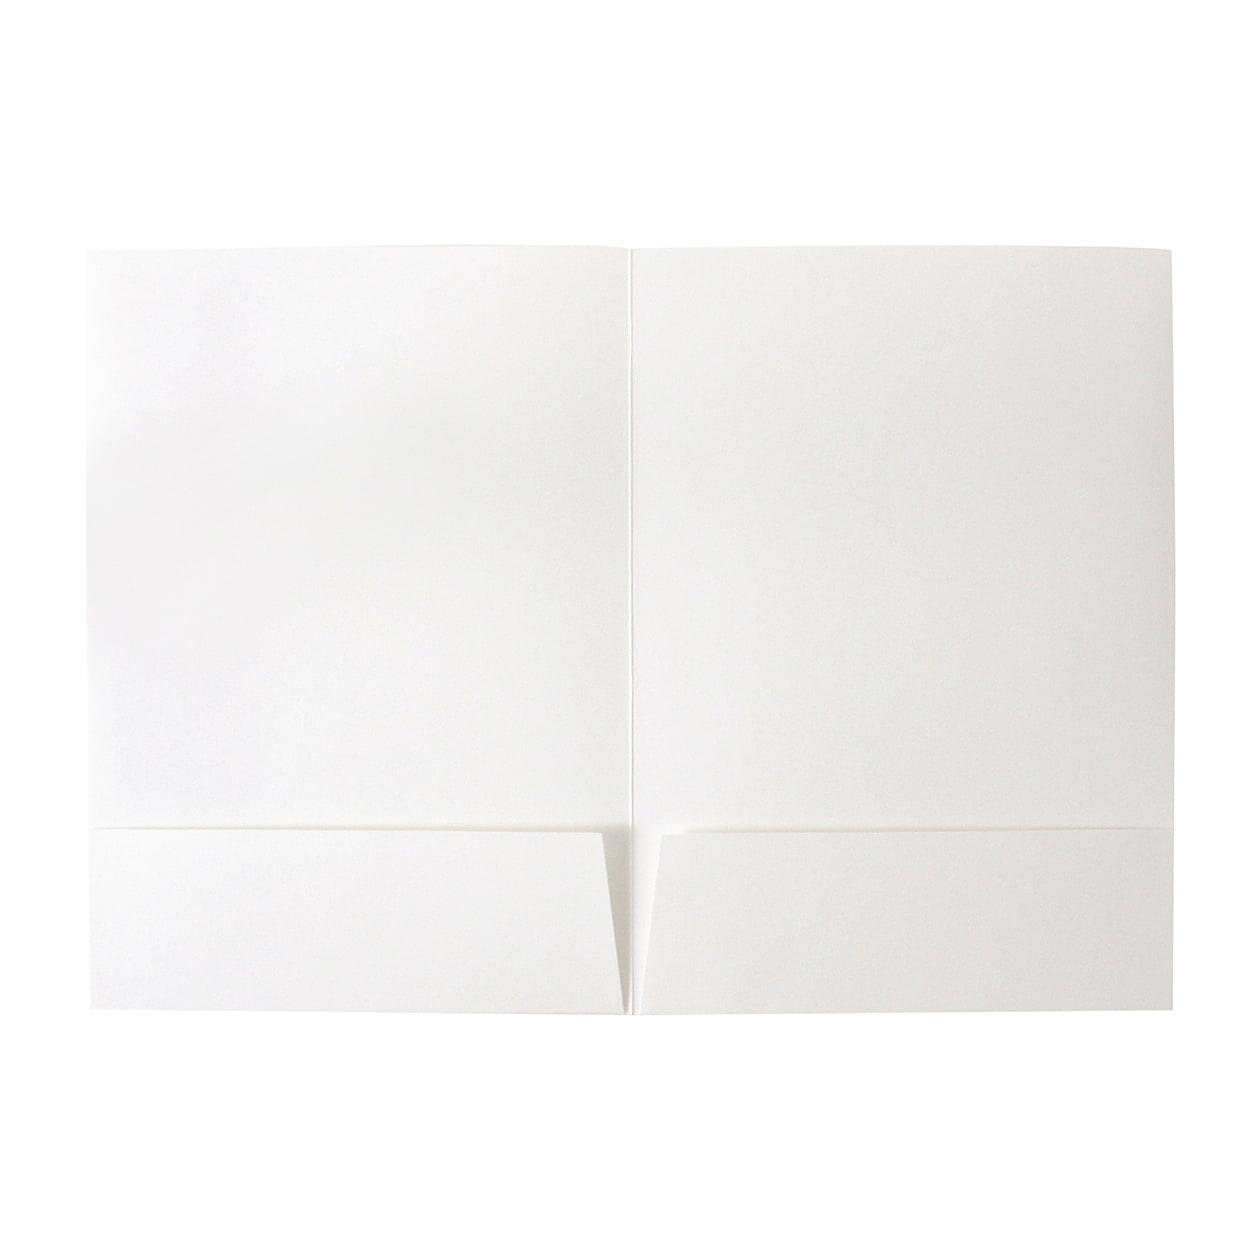 サンプル カード・シート 00244